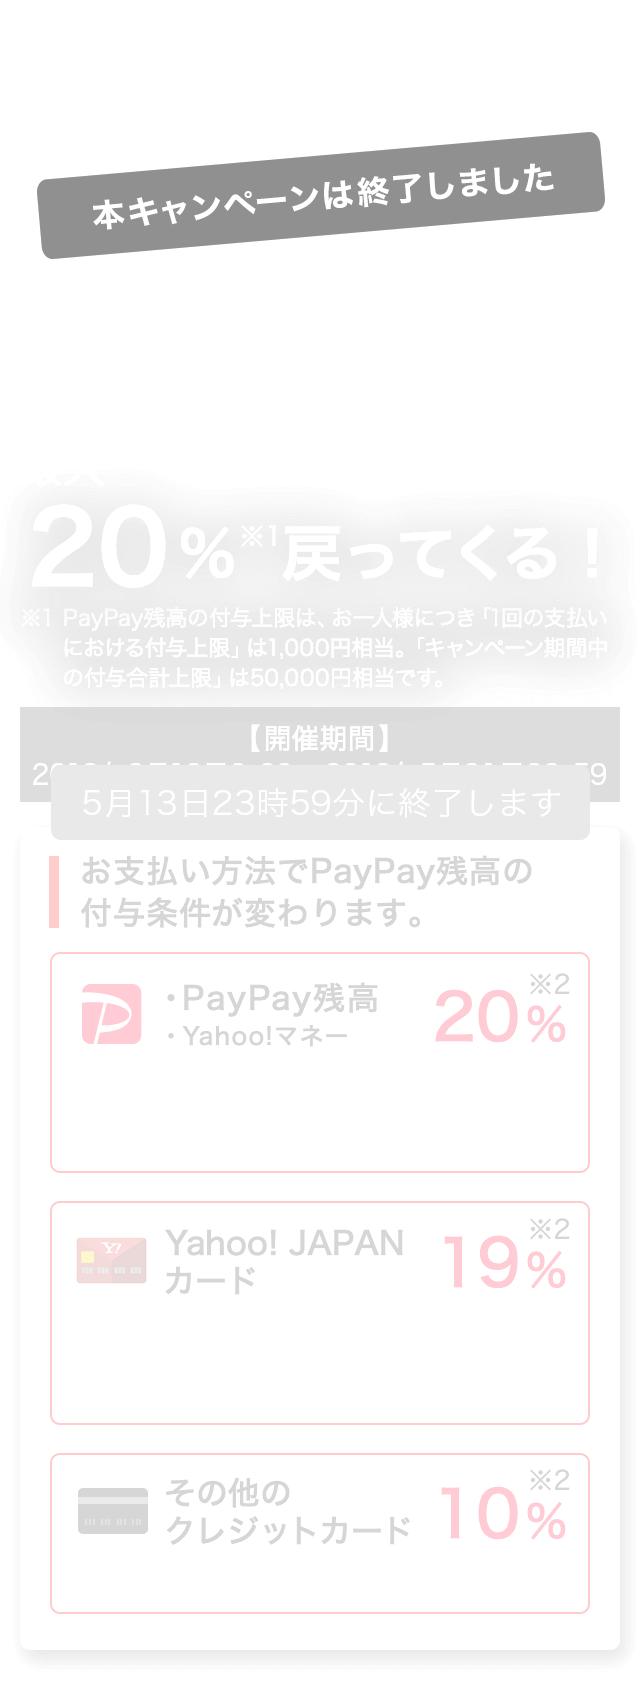 第2弾100億円キャンペーン 【開催期間】2019年2月12日9:00~2019年5月31日23:59 最大20%※1戻ってくる! ※1 PayPay残高の付与上限は、お一人様につき「1回の支払いにおける付与上限」は1,000円相当、「キャンペーン期間中の付与上限」は50,000円相当です。お支払い方法でPayPay残高の付与条件が変わります。PayPay残高 20% Yahoo! JAPANカード 19% その他のクレジットカード 10%